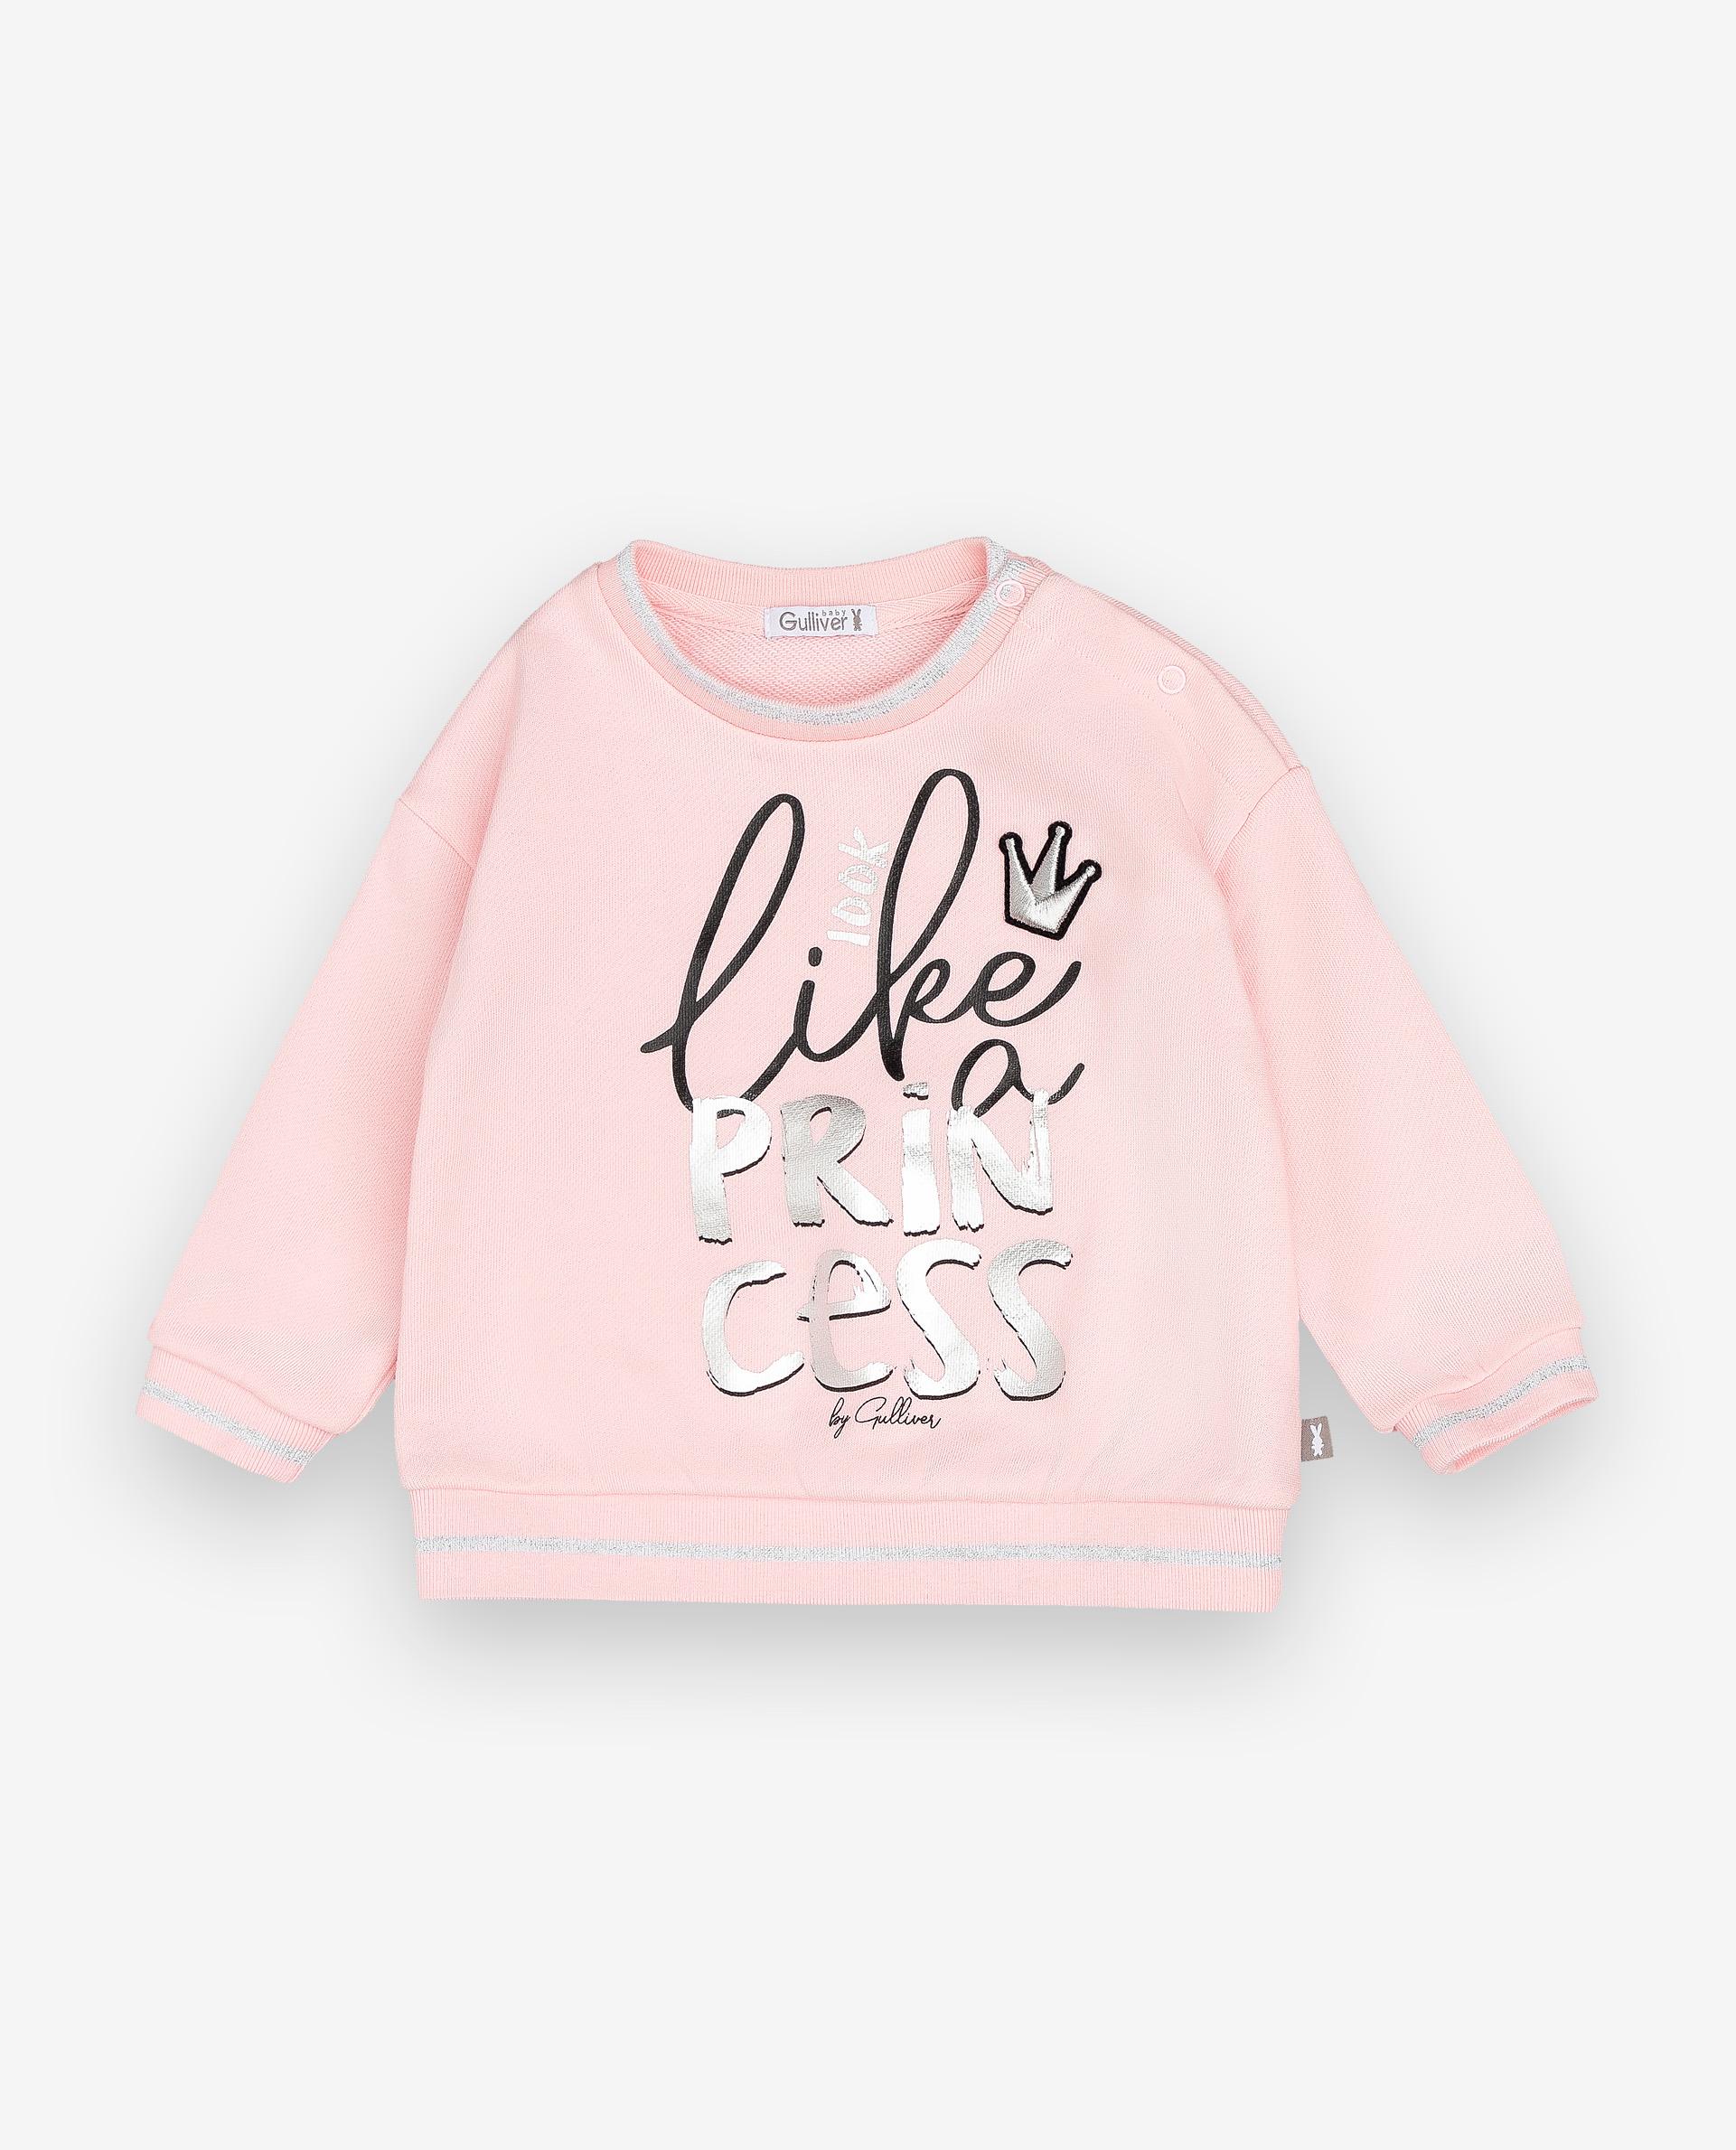 Купить 12031GBC1601, Толстовка для девочек Gulliver, цв. розовый, р.74, Кофточки, футболки для новорожденных